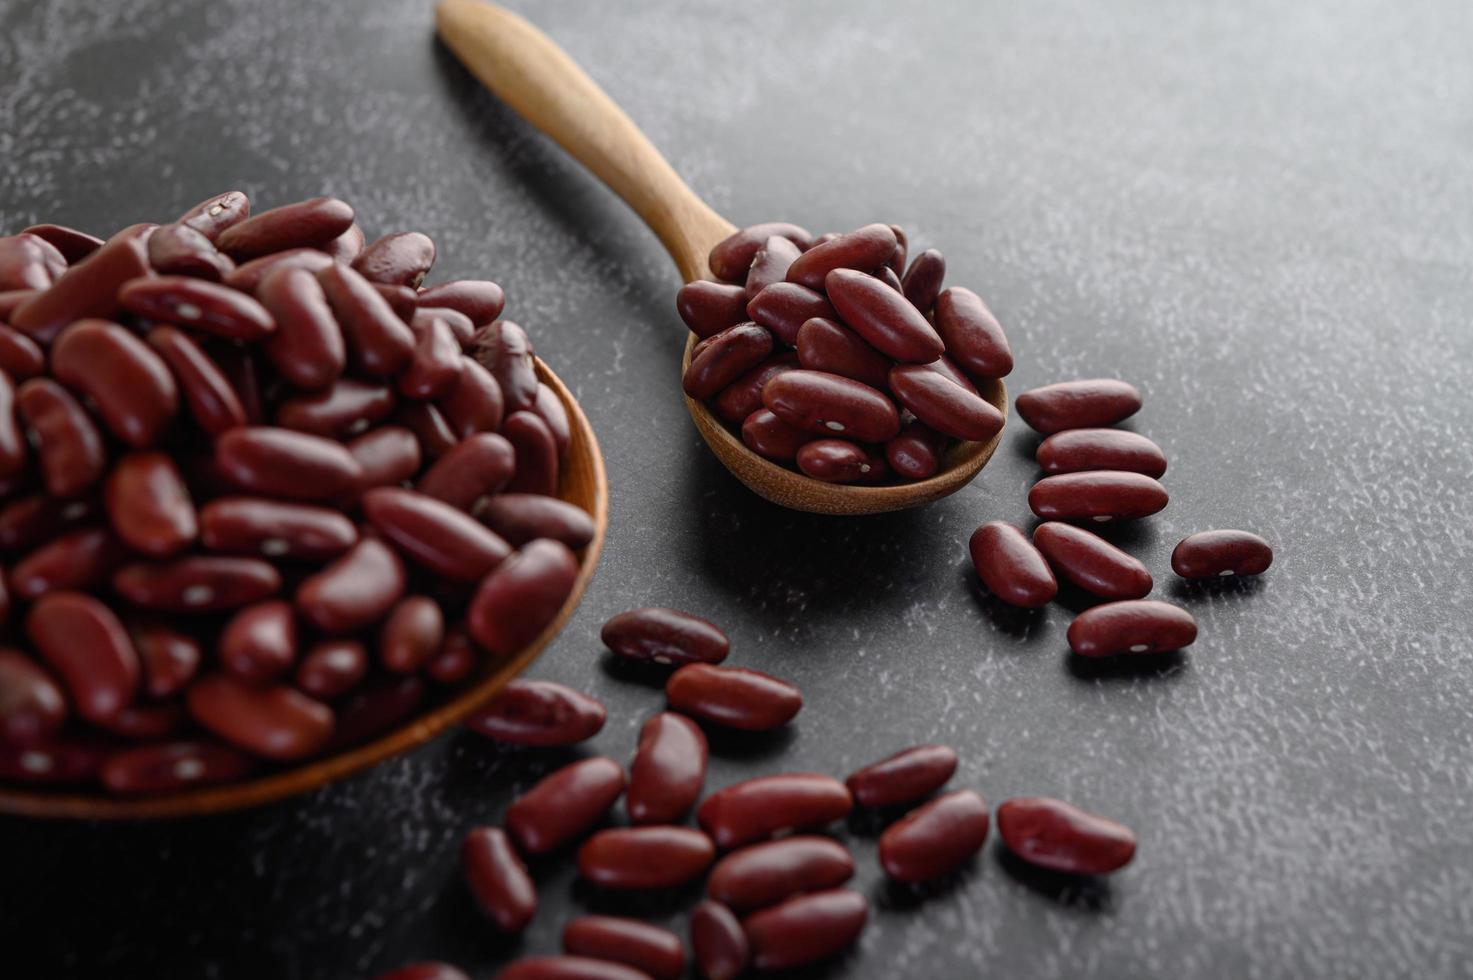 rode bonen in houten kommen op zwart keukenoppervlak foto